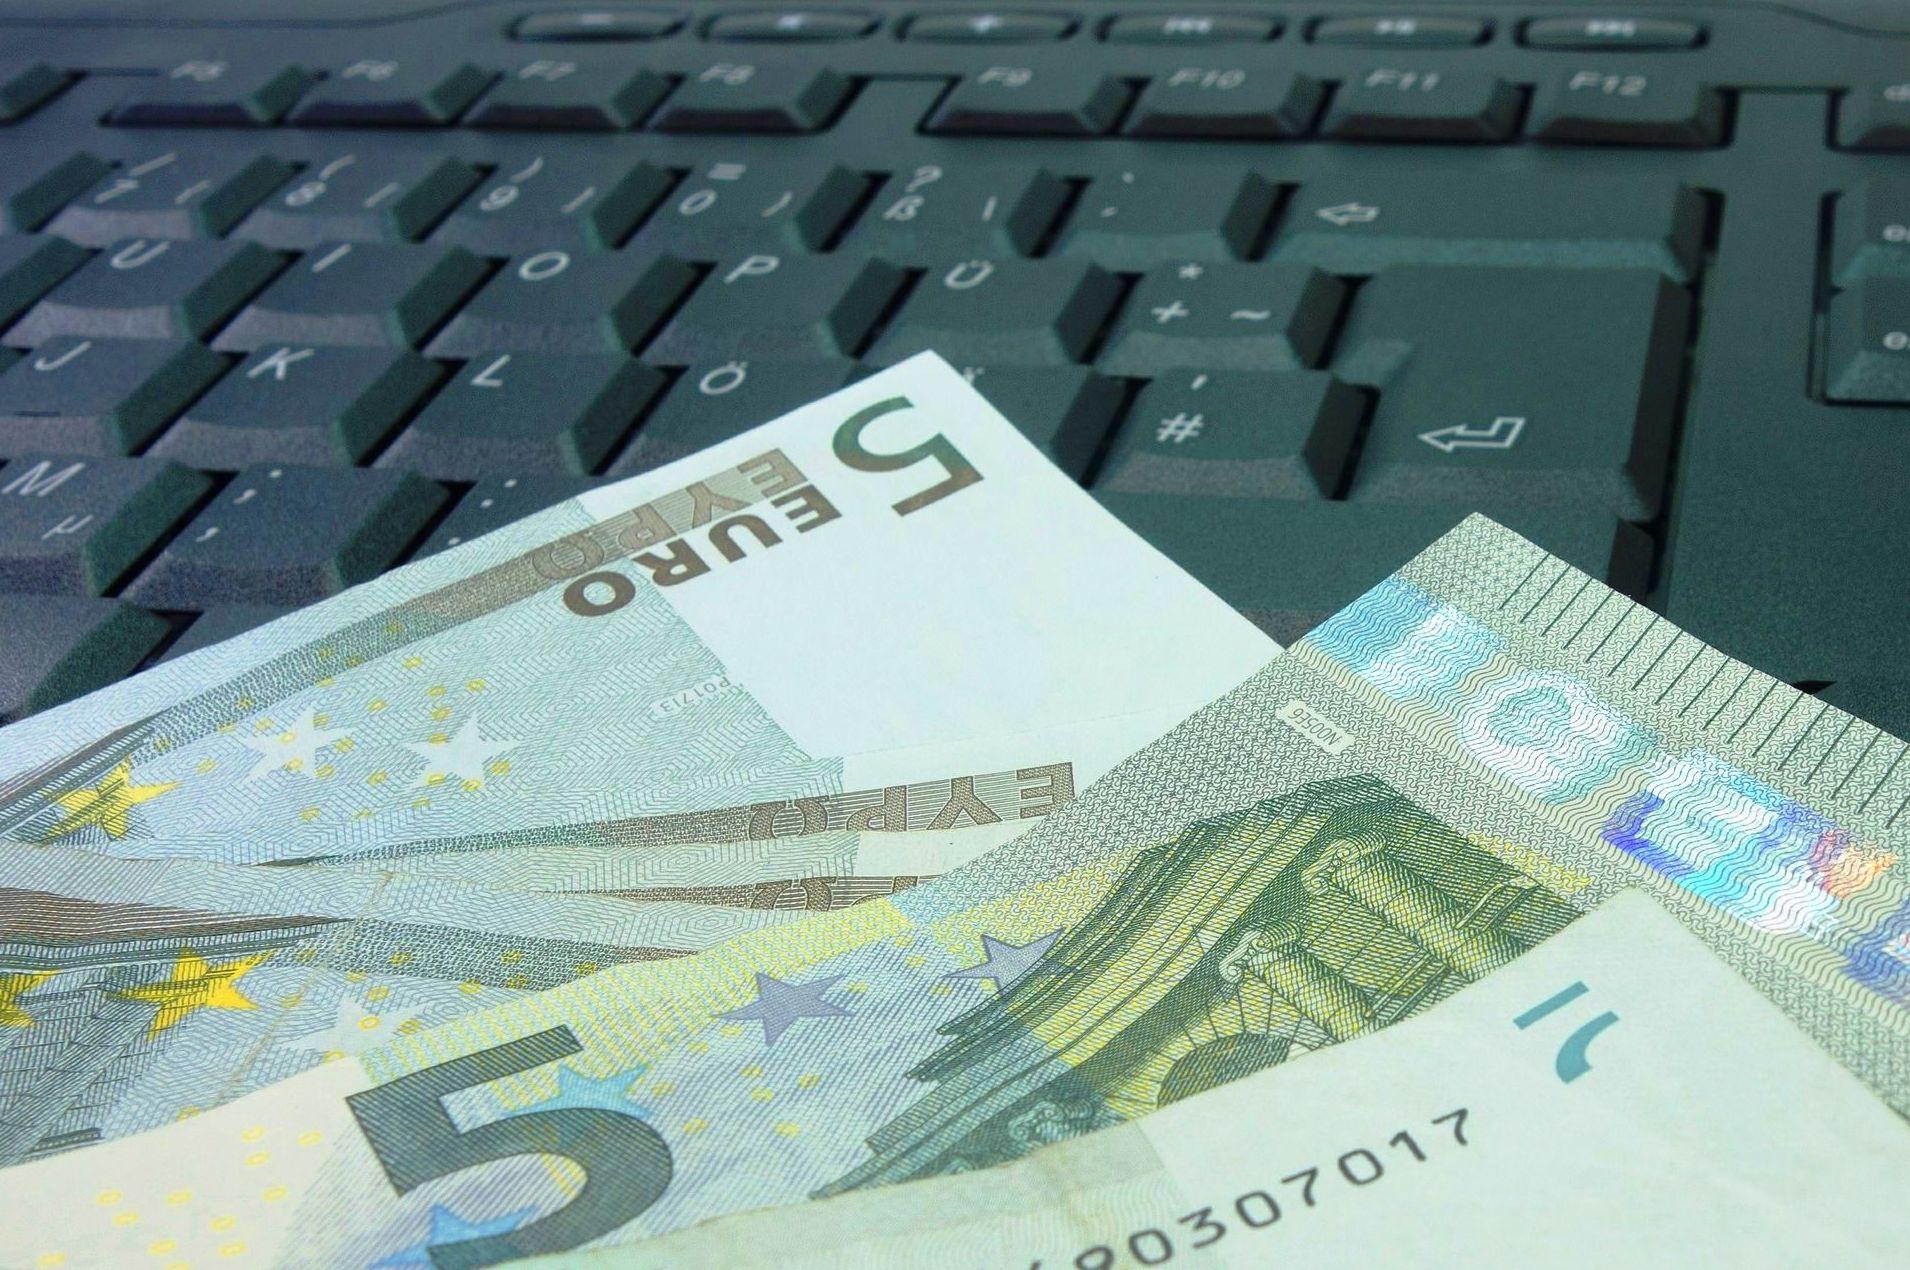 Préstamo personal Dinero rápido Dinero urgente Microcrédito Private Credit Valencia